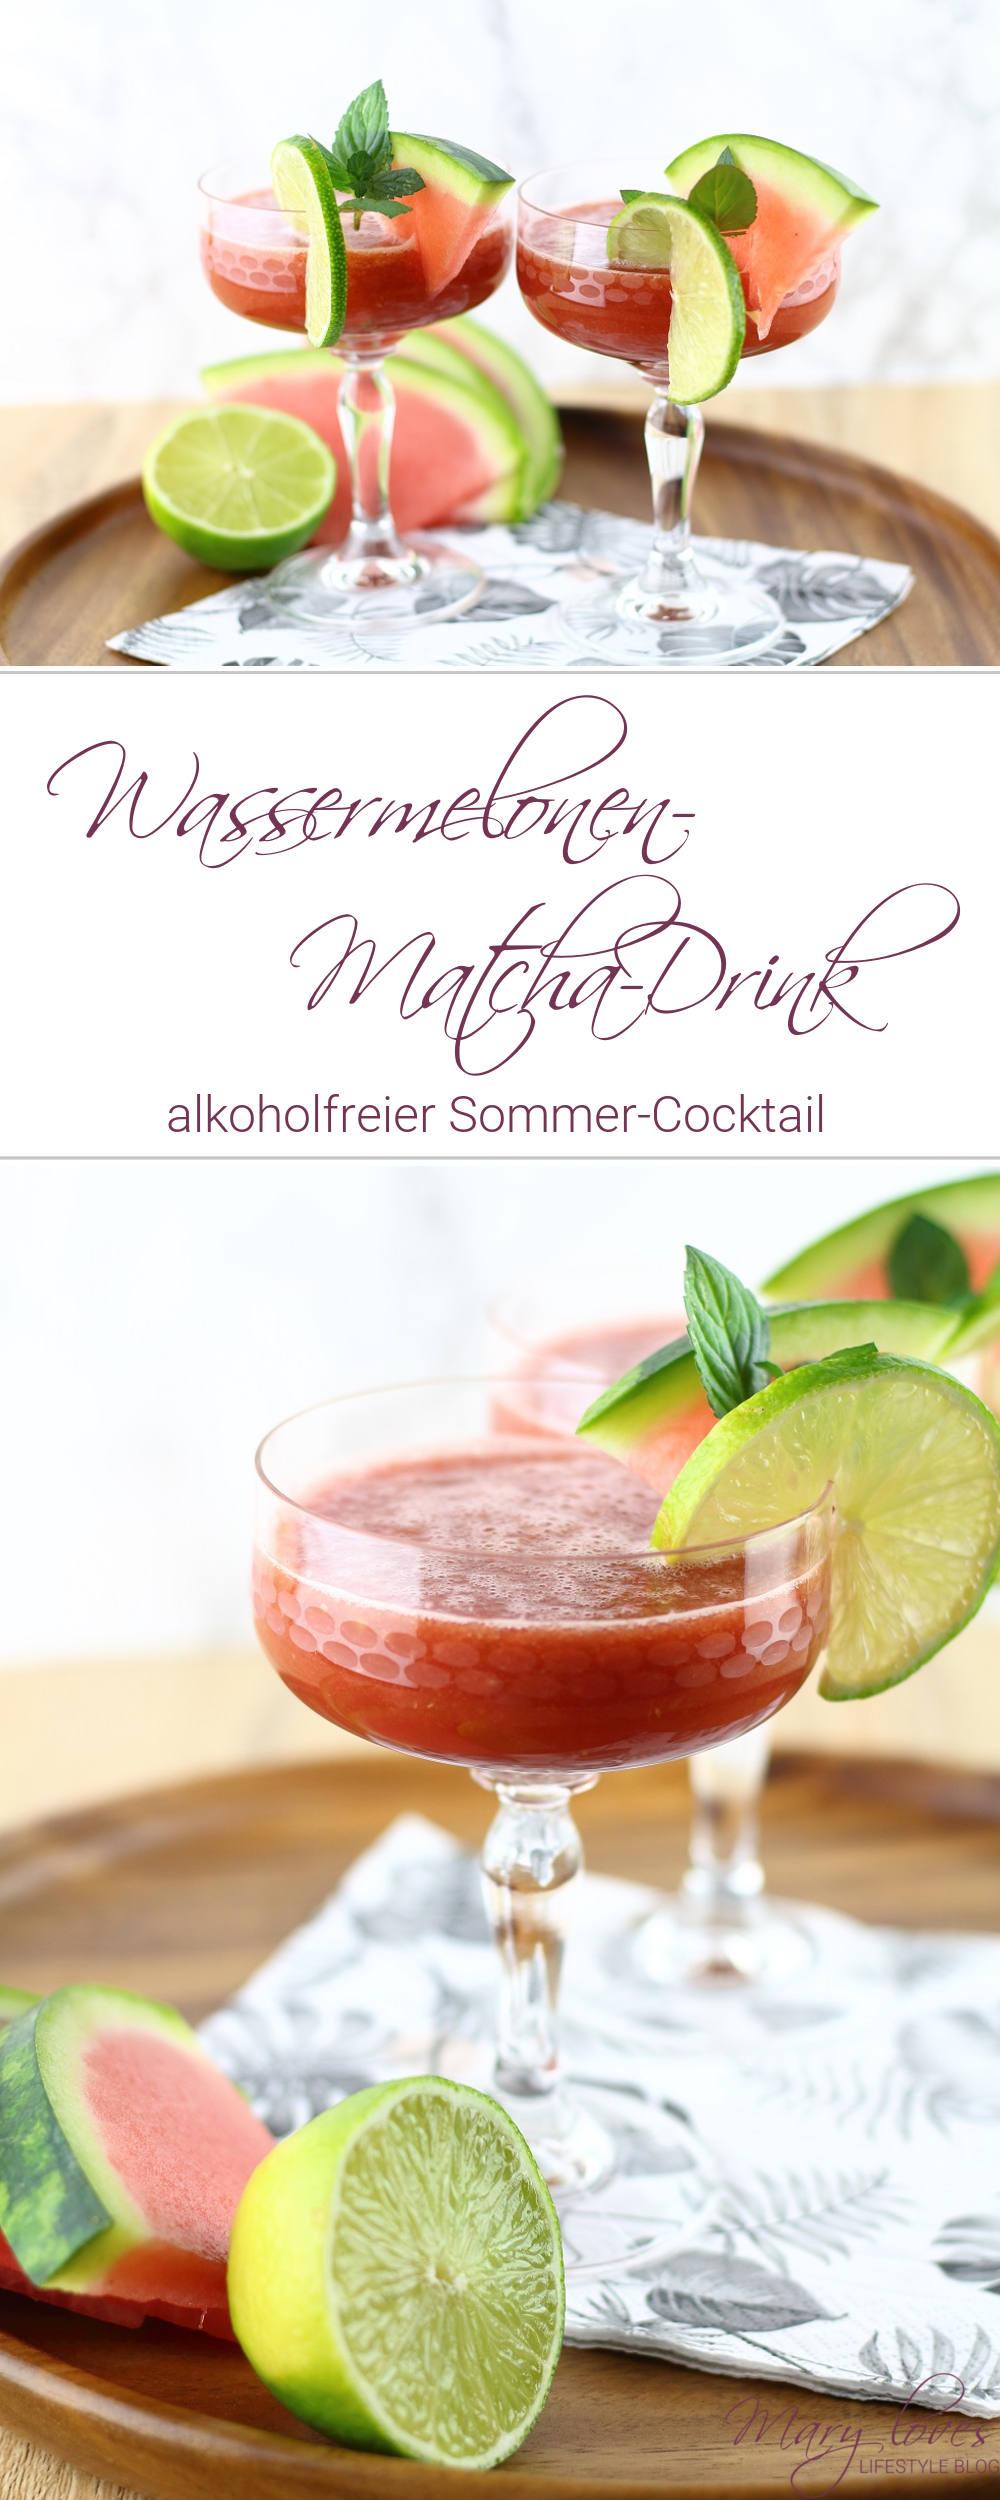 Alkoholfreier Sommer-Cocktail - Wassermelonen-Matcha-Drink mit Limette - #sommercocktail #summerdrink #wassermelonenmatchadrink #sommergetränk #wassermelone #matcha #drink #alkoholfrei #getränk